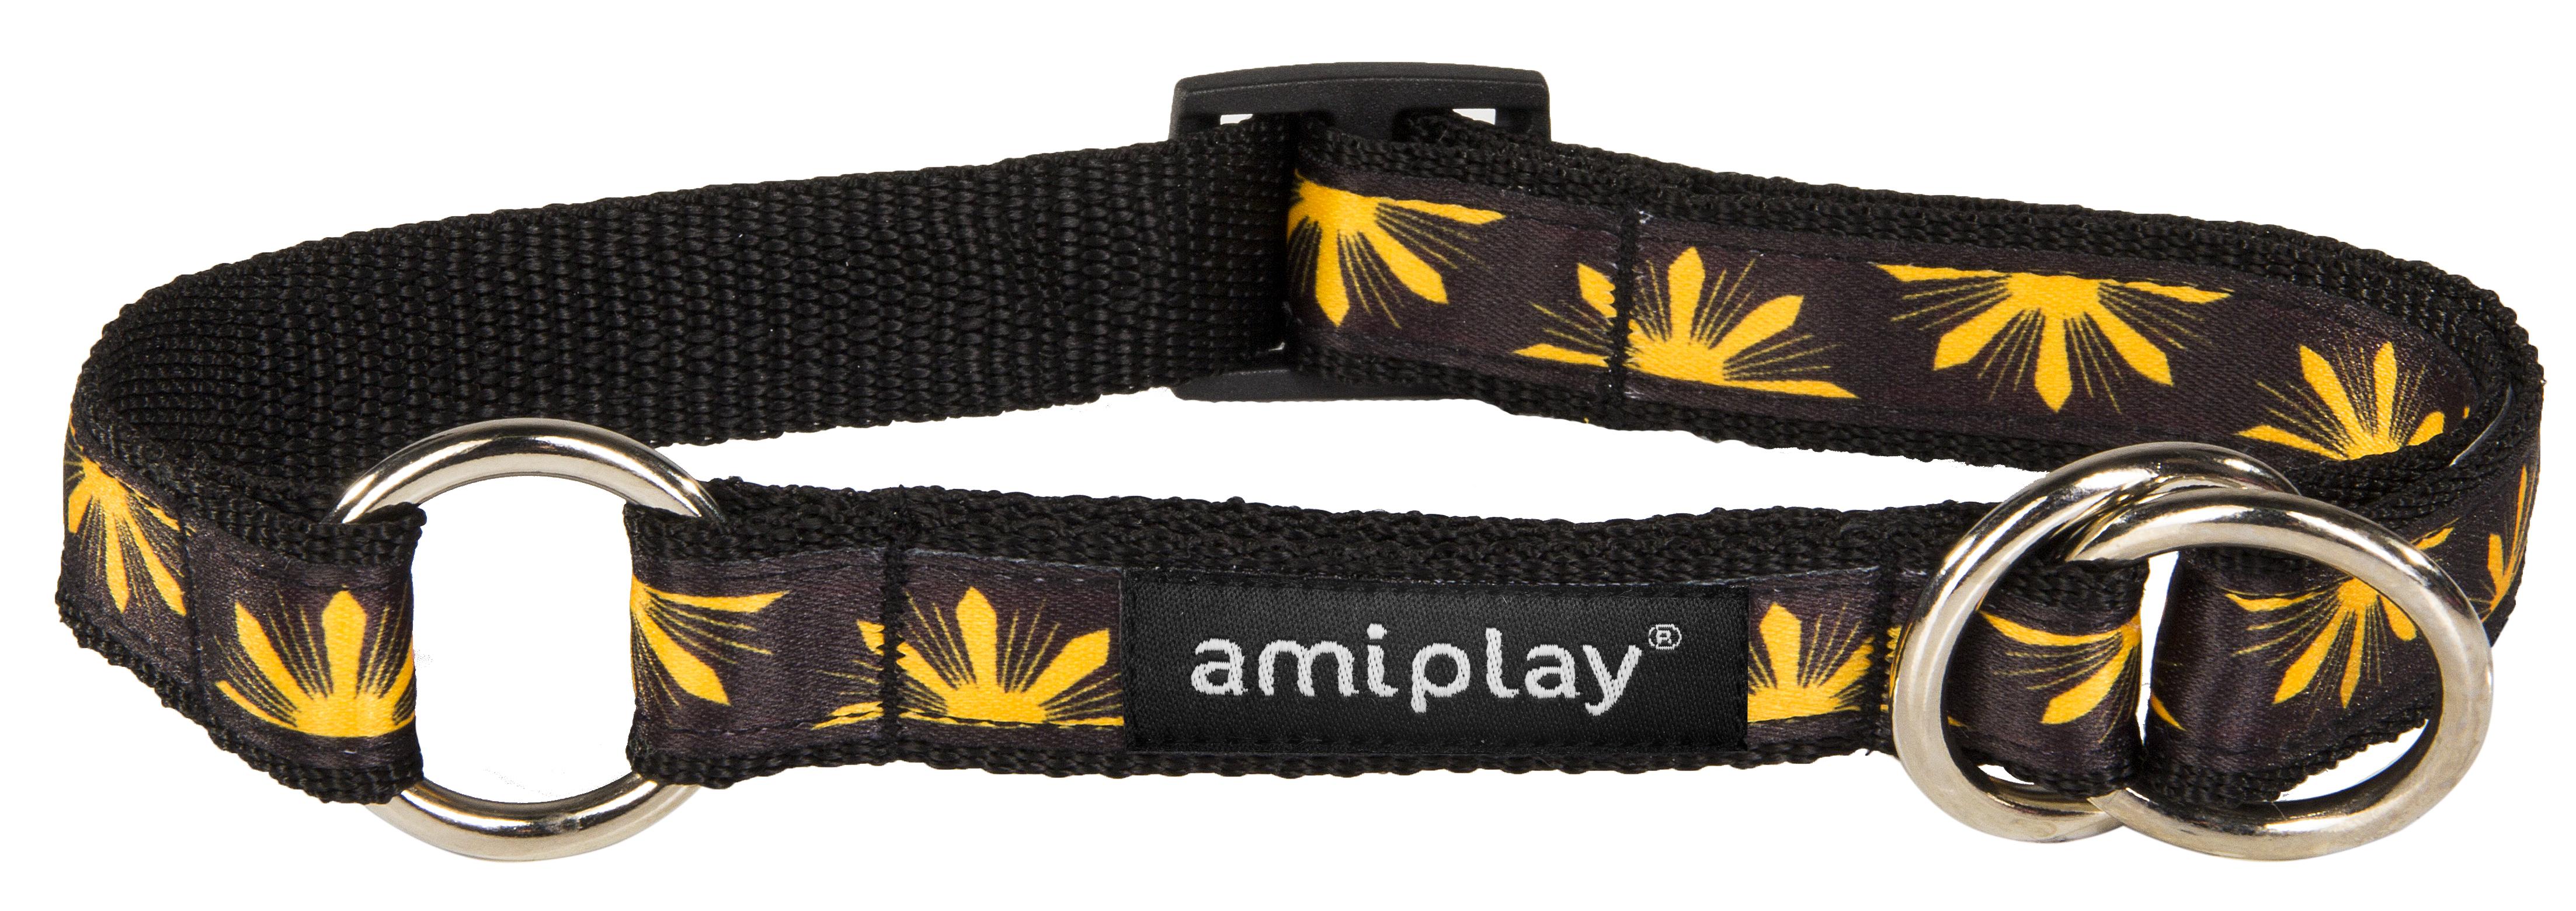 Obojek pro psa polostahovací nylonový - černý se vzorem květina - 2,5 x 34 - 55 cm